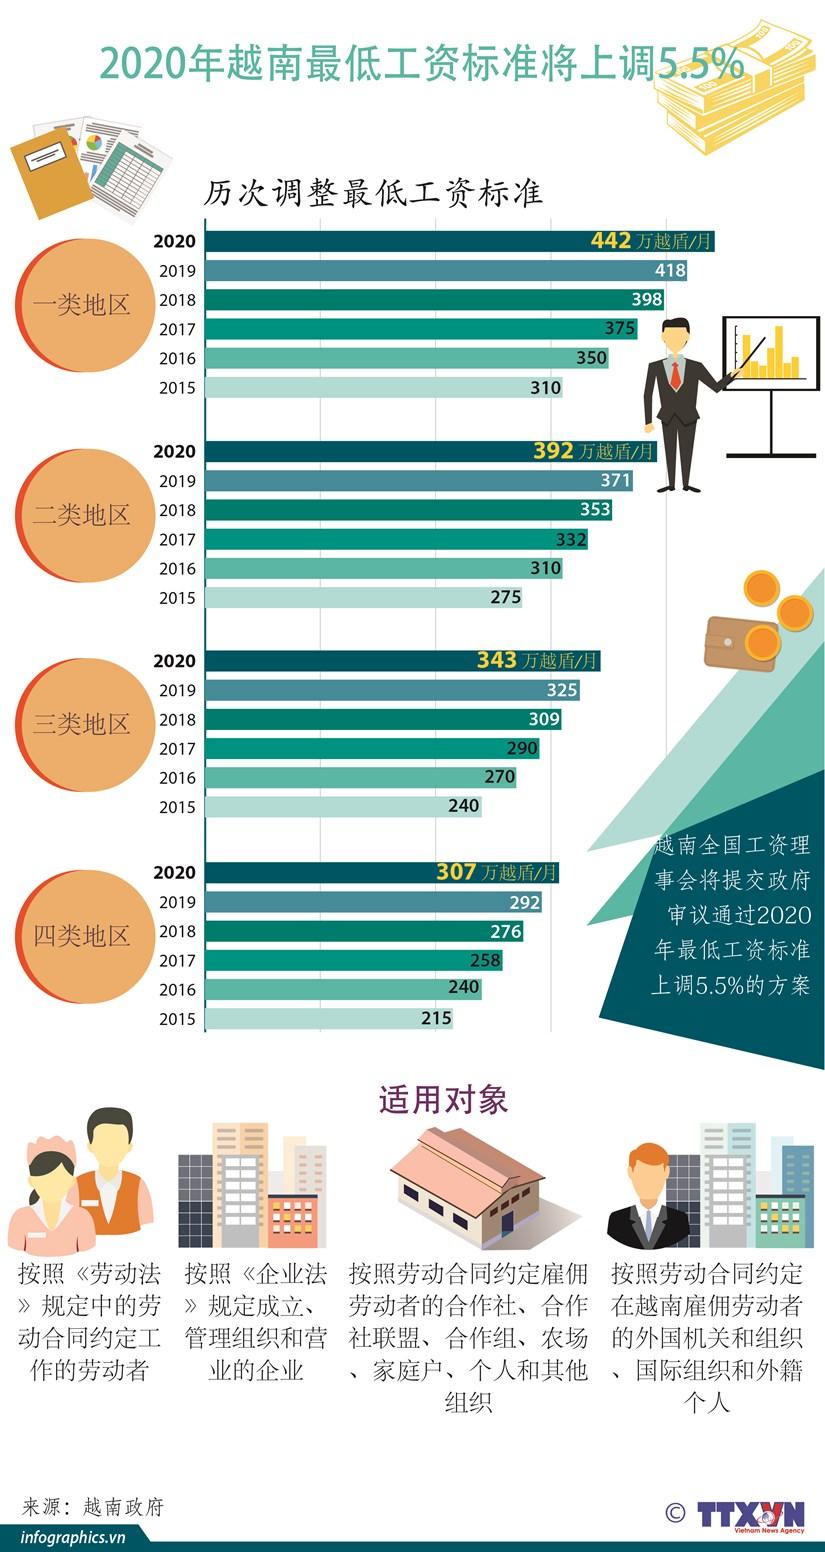 图表新闻:2020年越南最低工资标准将上调5.5% hinh anh 1